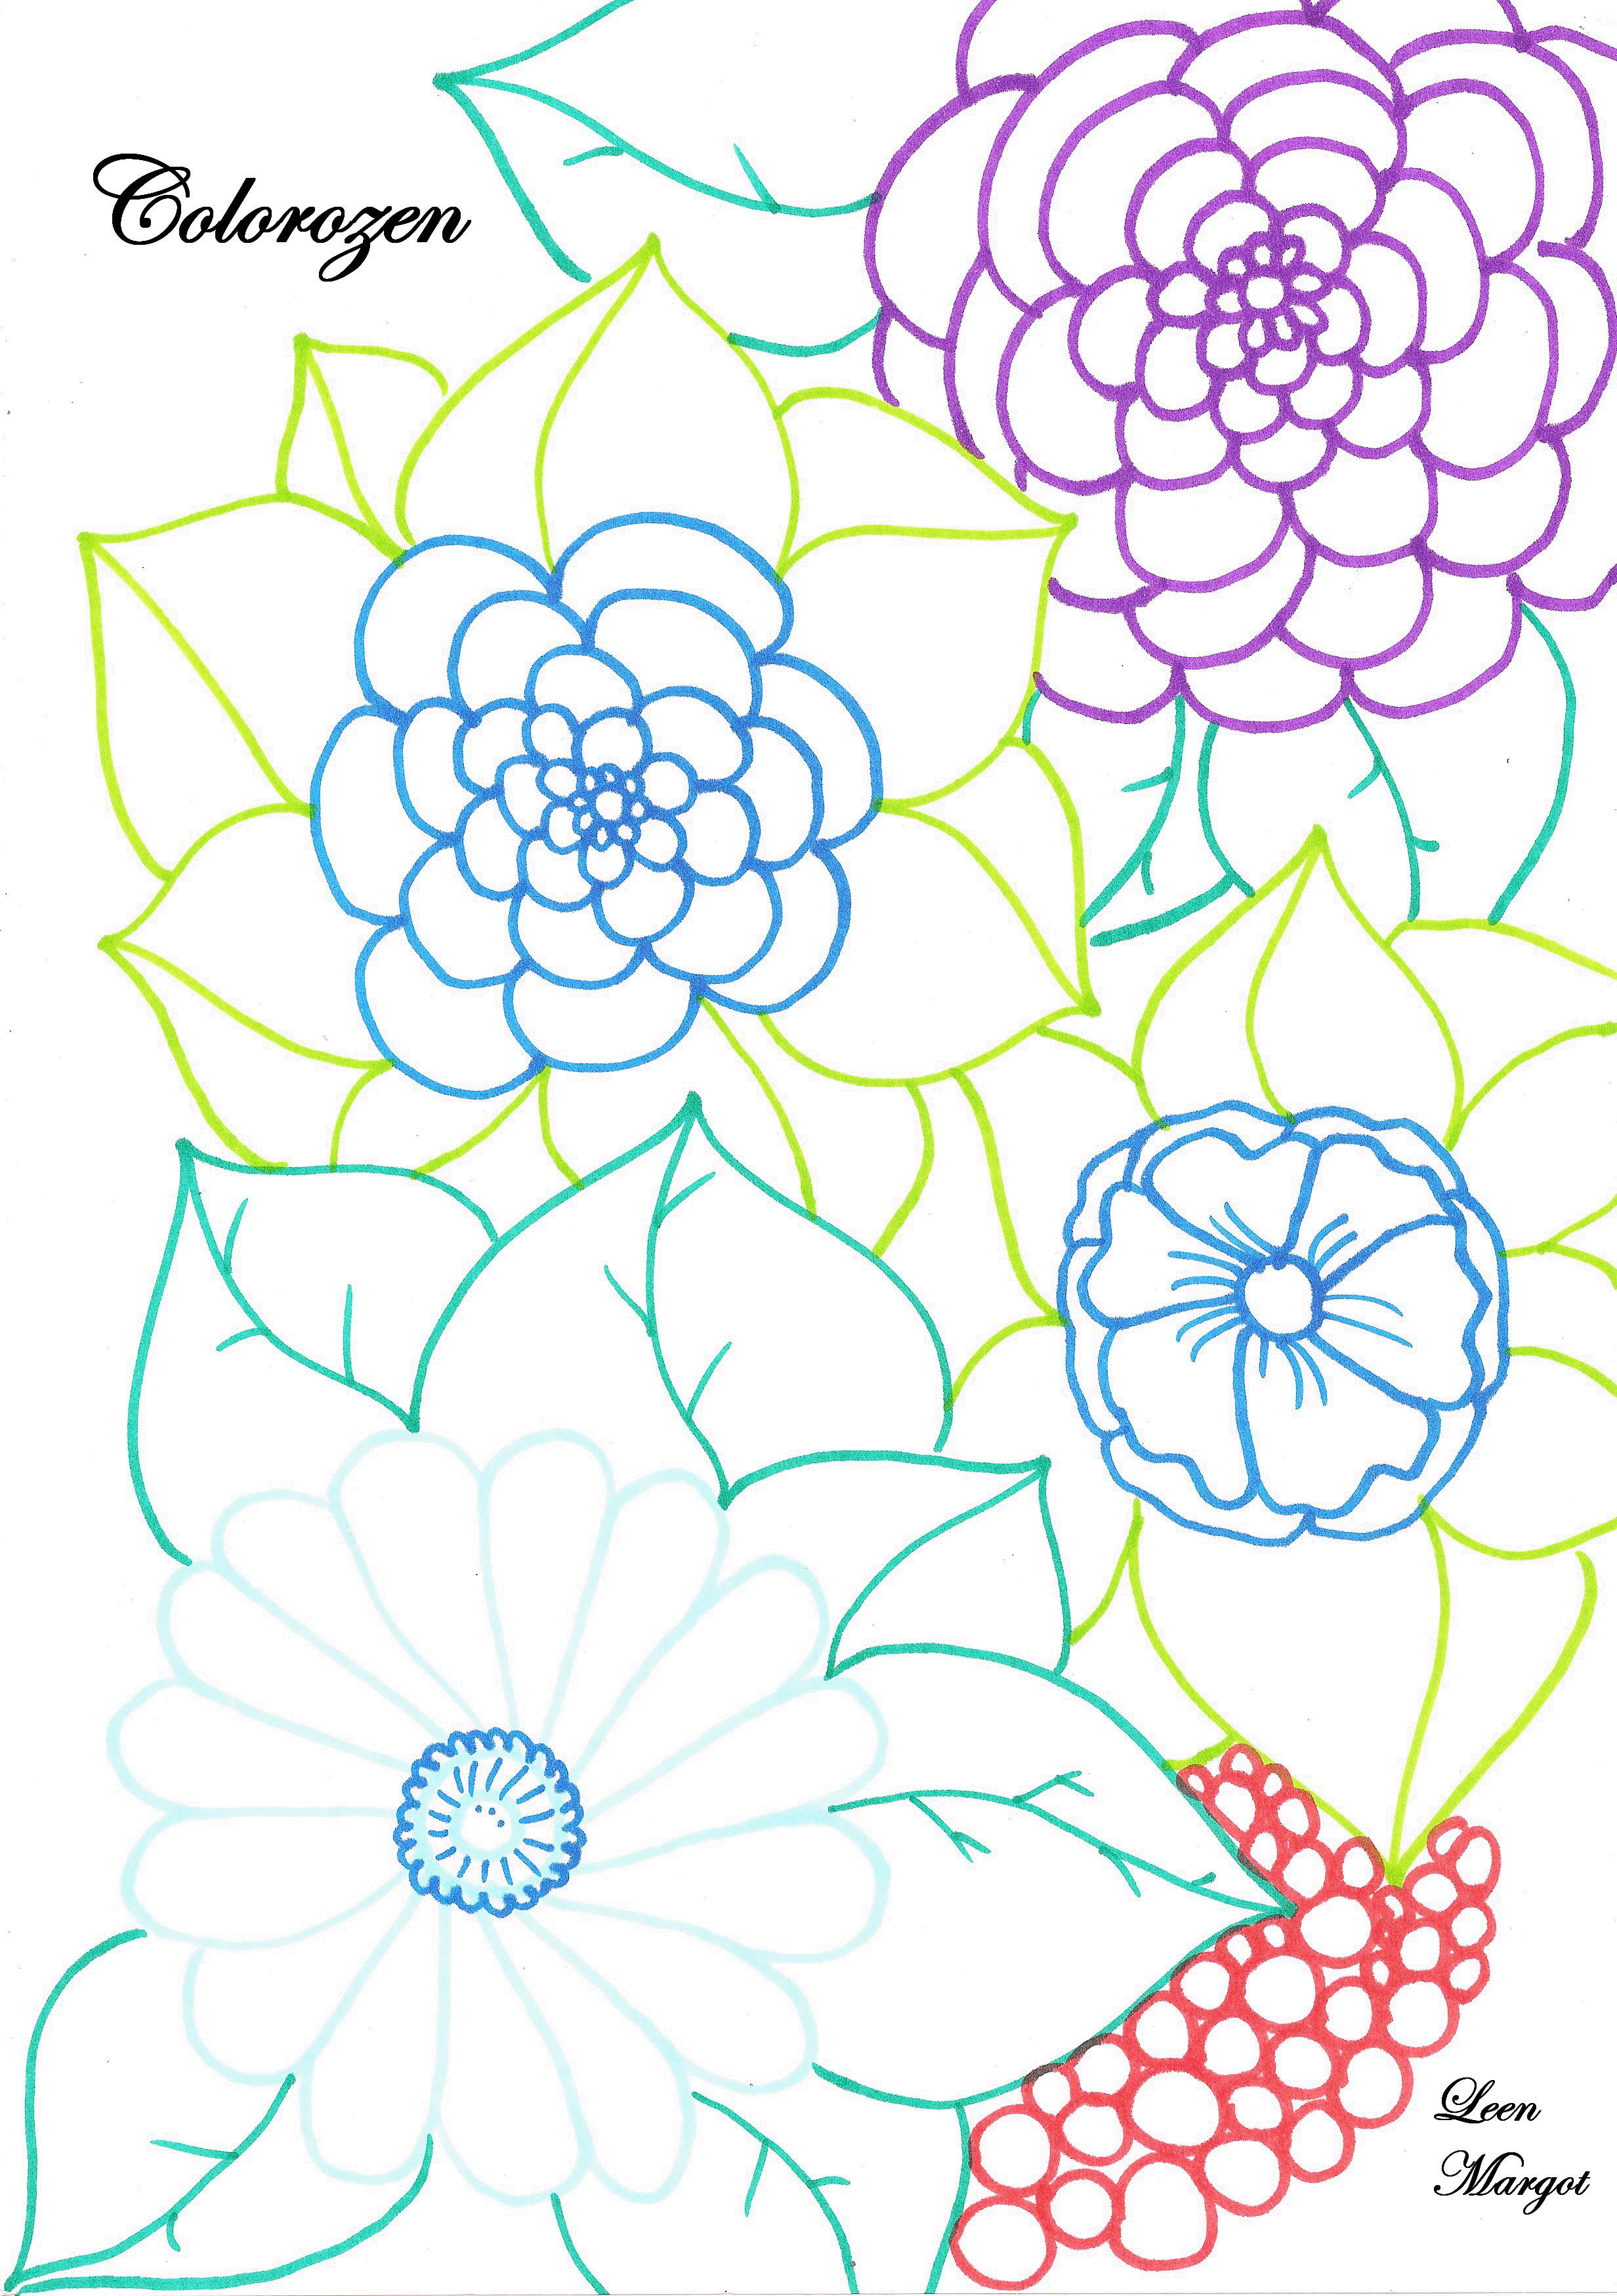 Pas de prise de tête, fiez vous aux couleurs utilisées pour les lignes du dessin.